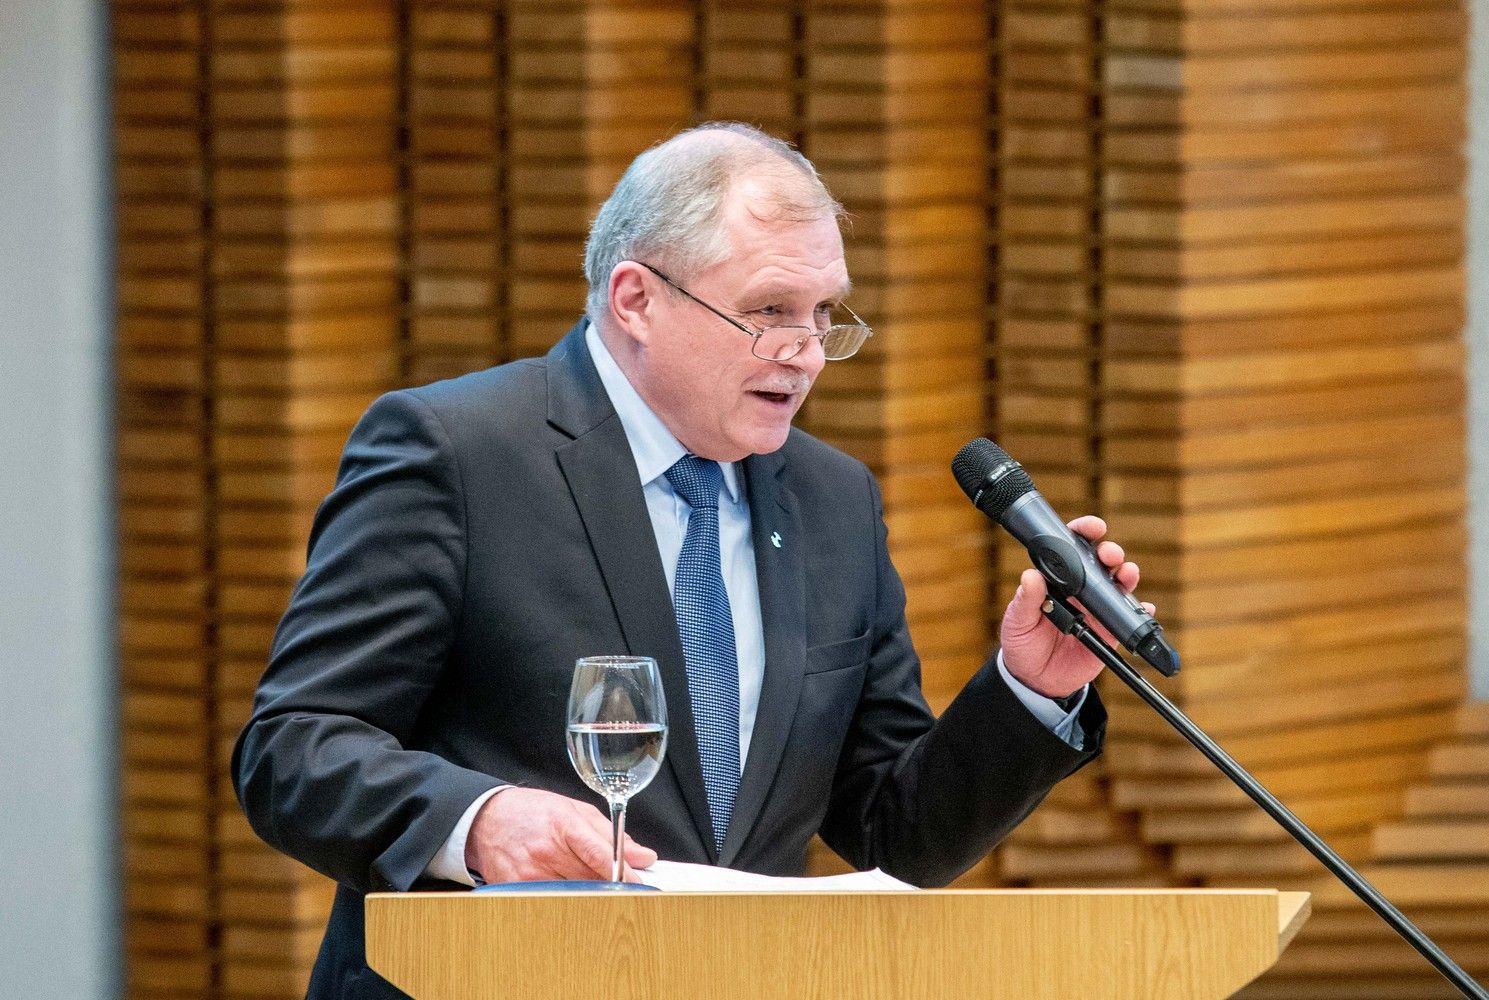 Buvęs diplomatas R. Šidlauskas paleistas į laisvę, Rusijos pilietis lieka suimtas